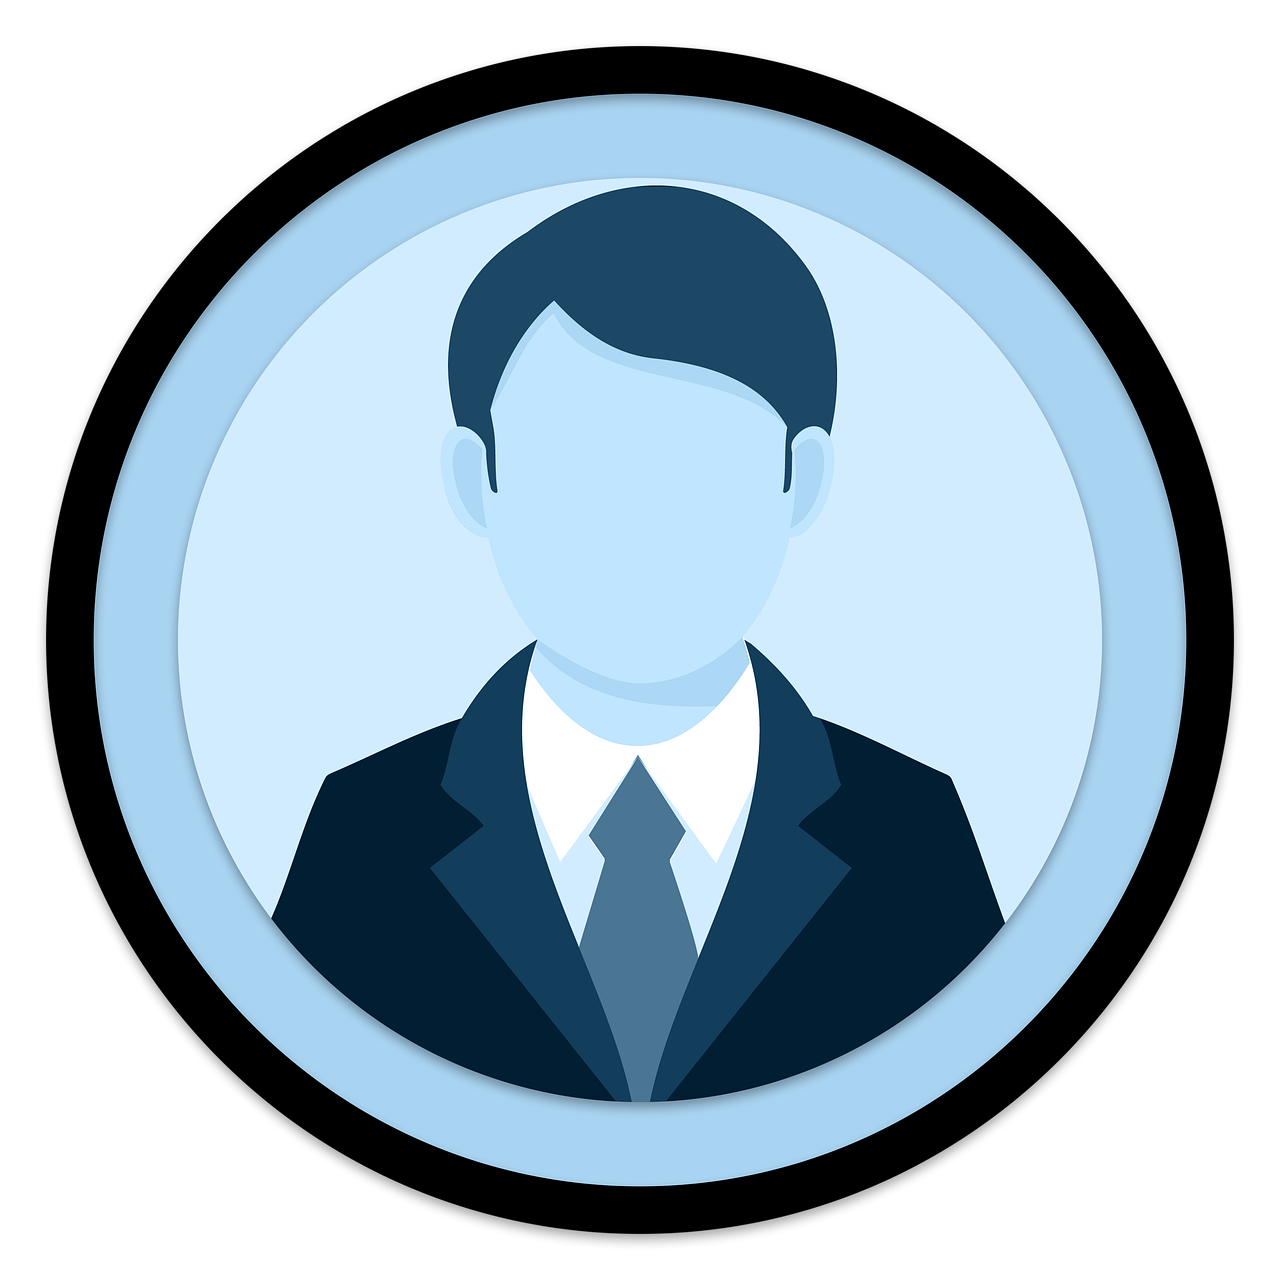 icon, user, male